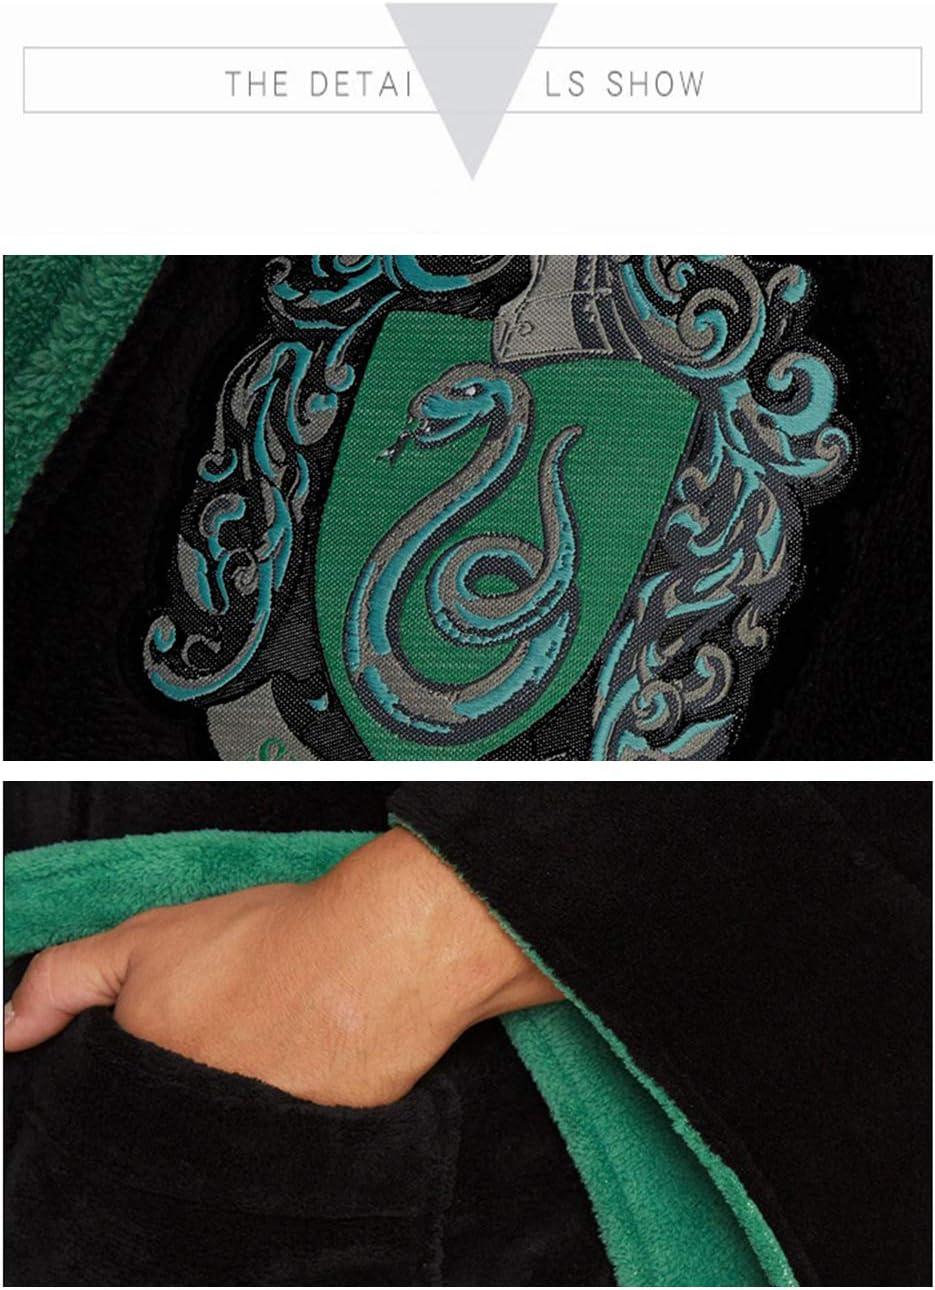 Deciduous Slytherin Fuzzy Robe Harry Hoodied Bademantel Seine und ihre Roben Wolle Pyjamas Wizard Fleece Nachthemd Kleid f/ür Erwachsene Unisex Frauen M/änner,Men,L